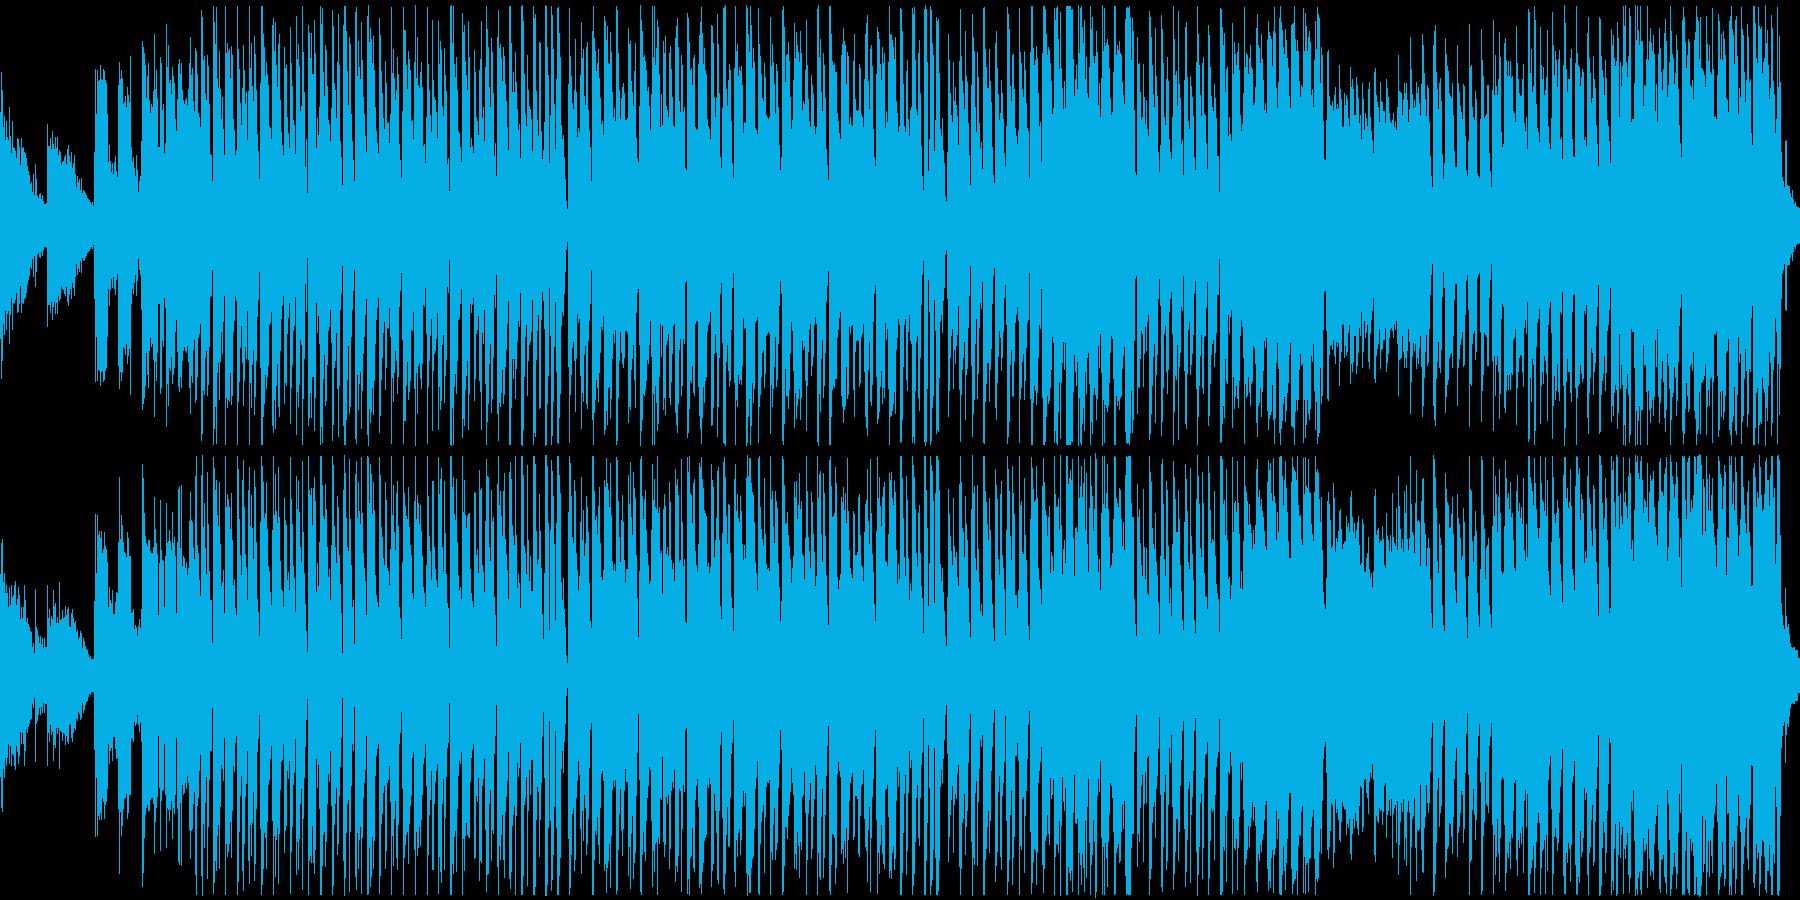 ポップなハロウィン曲(ループ)の再生済みの波形